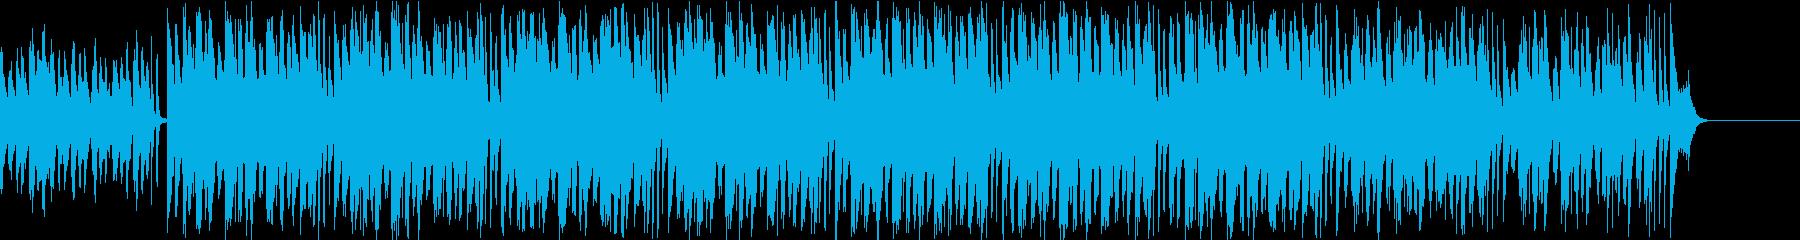 ★侍のテーマ 尺八と和太鼓の大江戸音頭の再生済みの波形